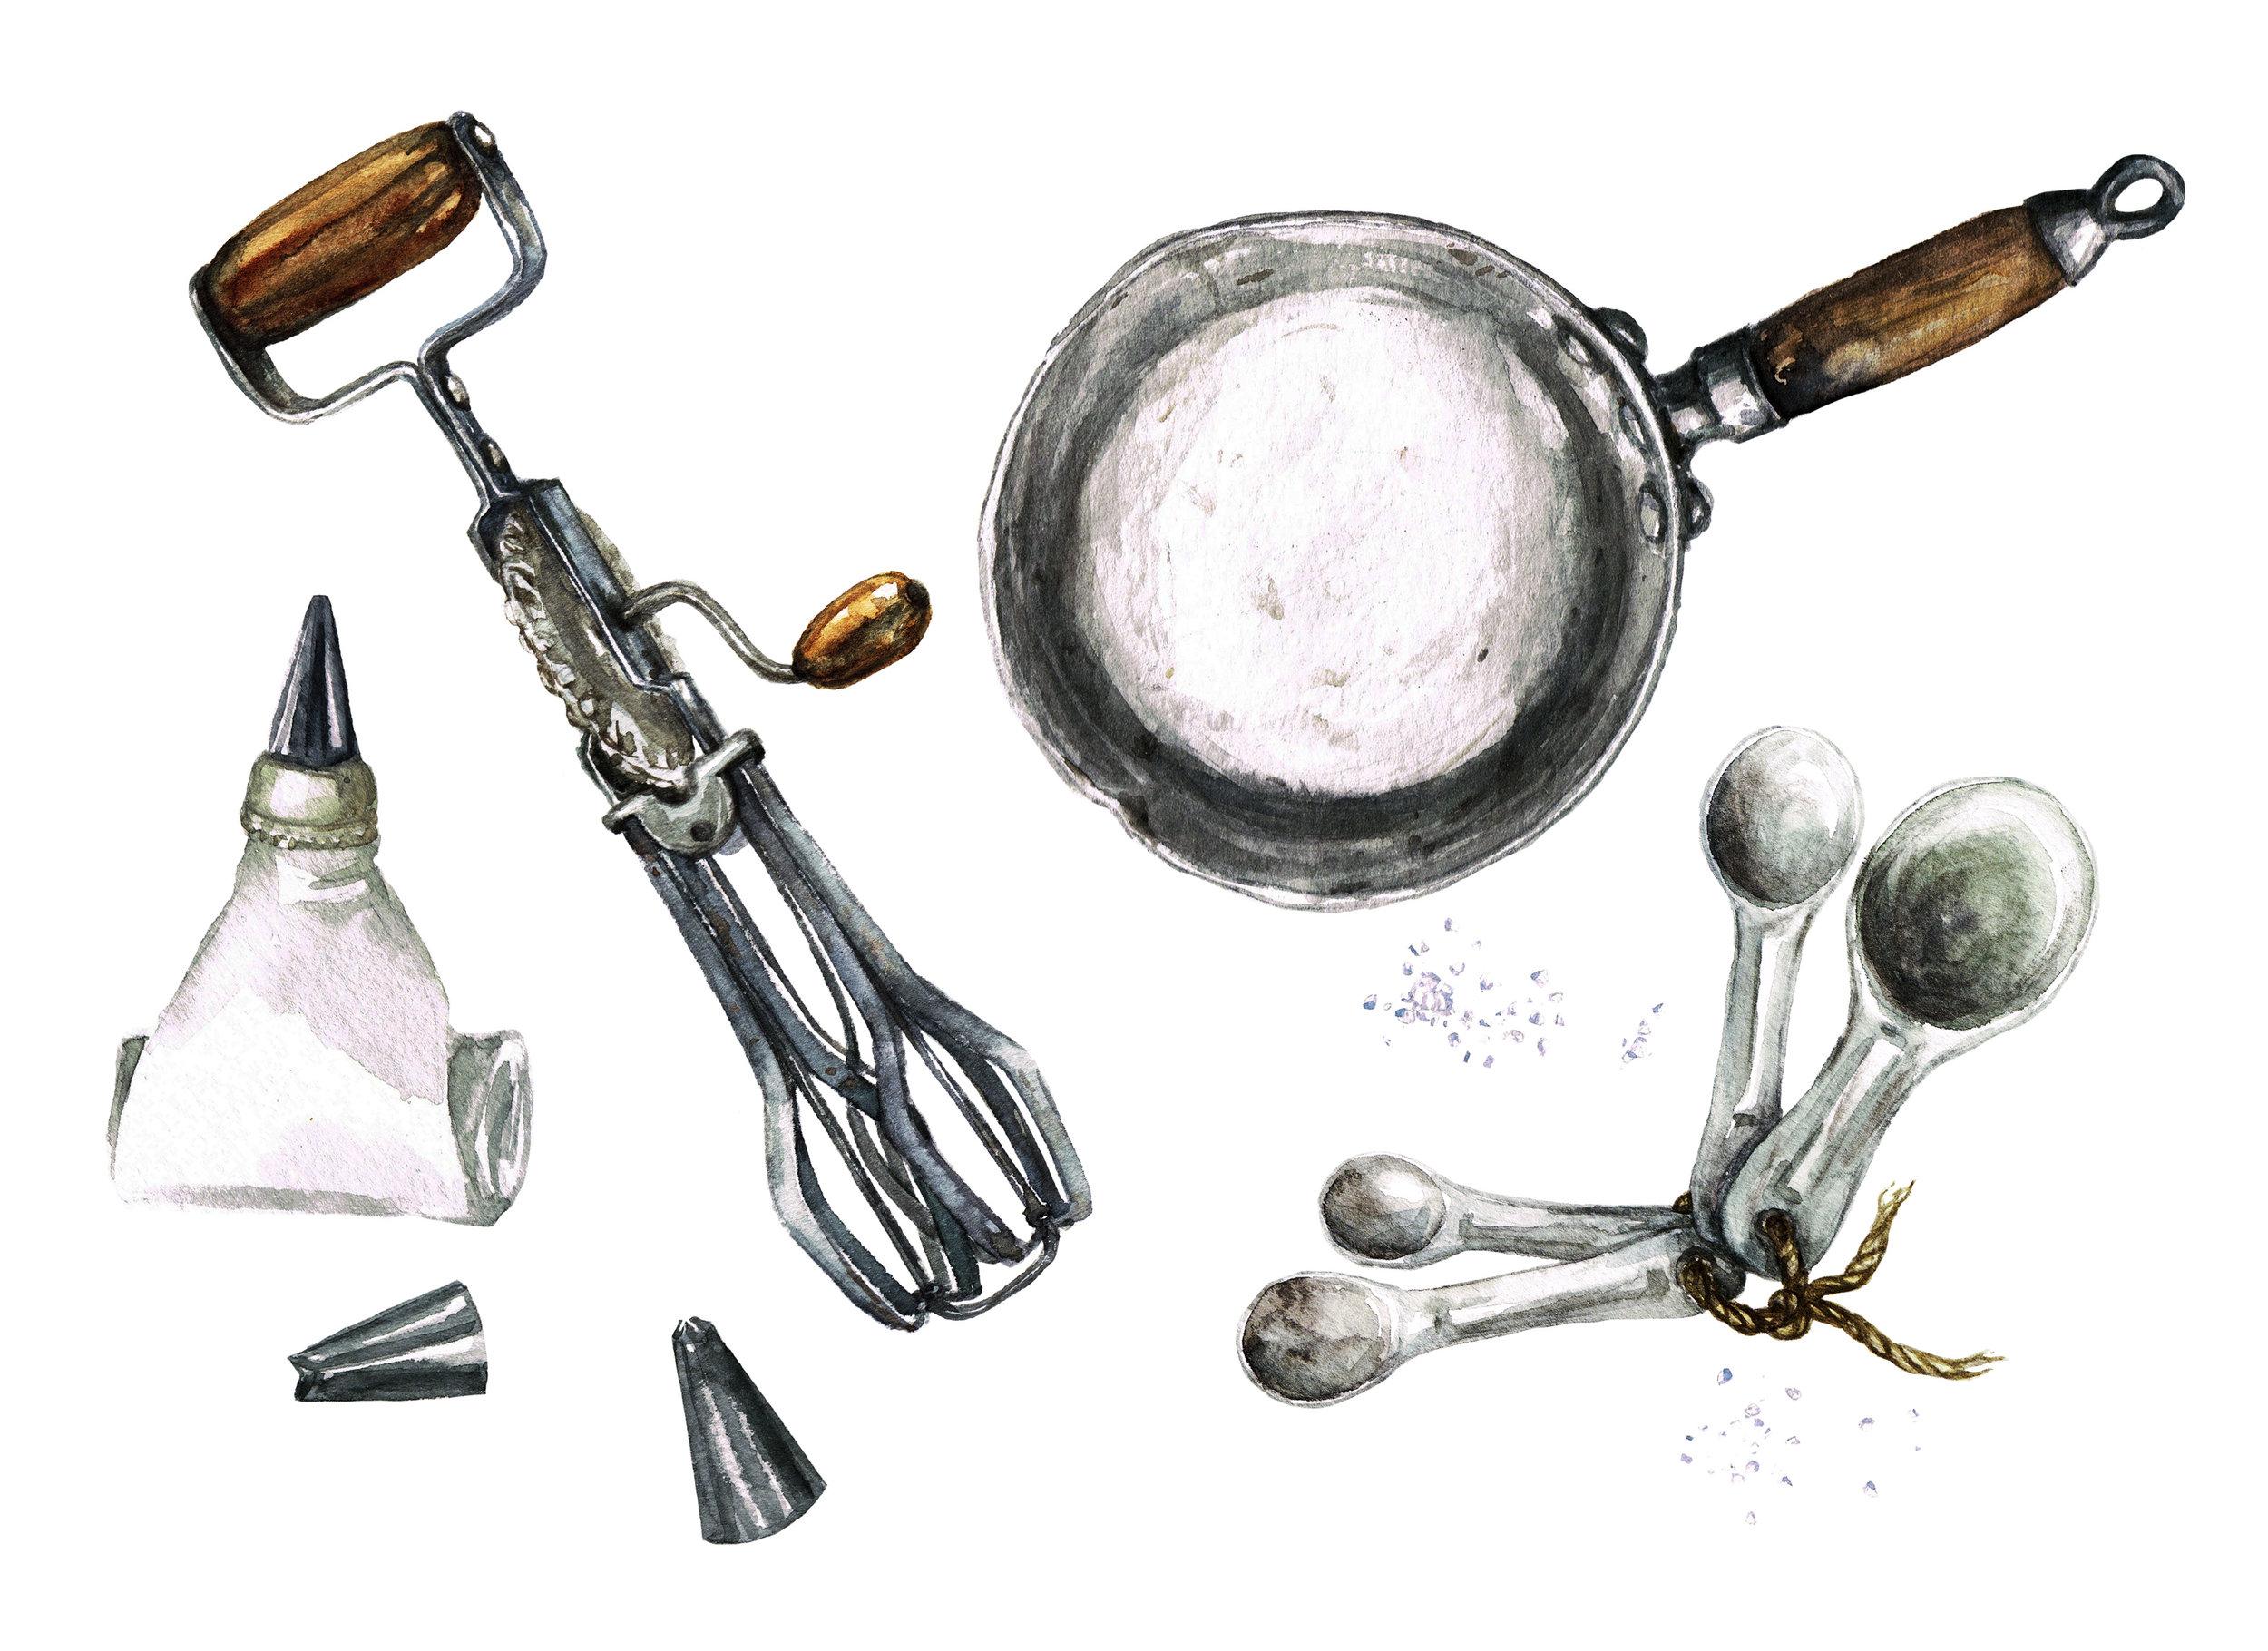 NataliaHubbertArt_Food_KitchenWare.jpg